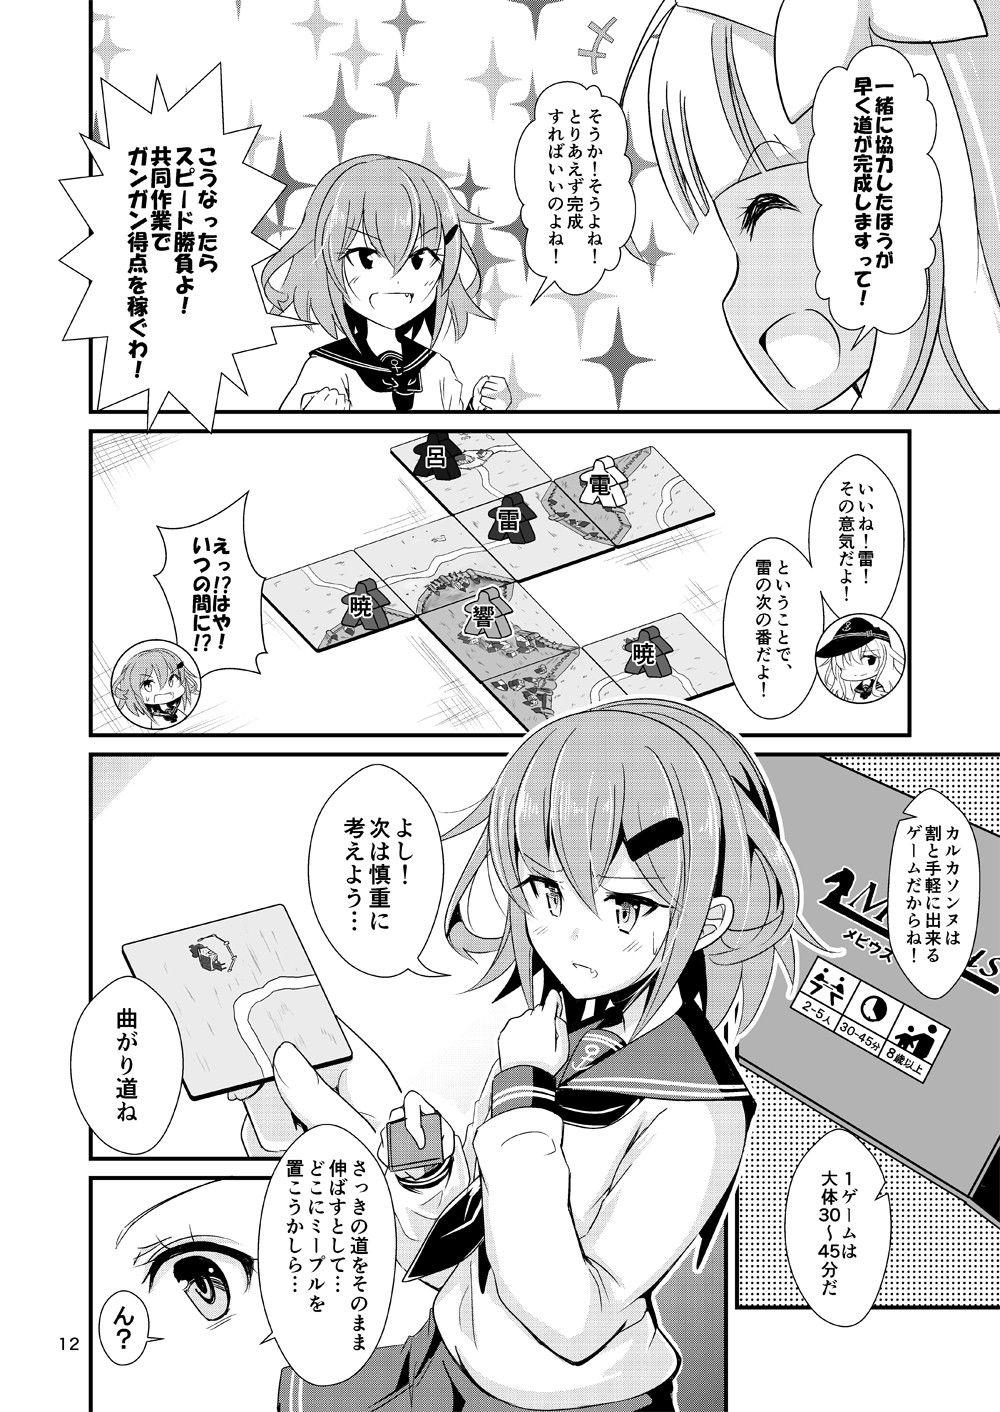 【ロリ系】「バニラフェチ 萌えっ娘編」バニラ